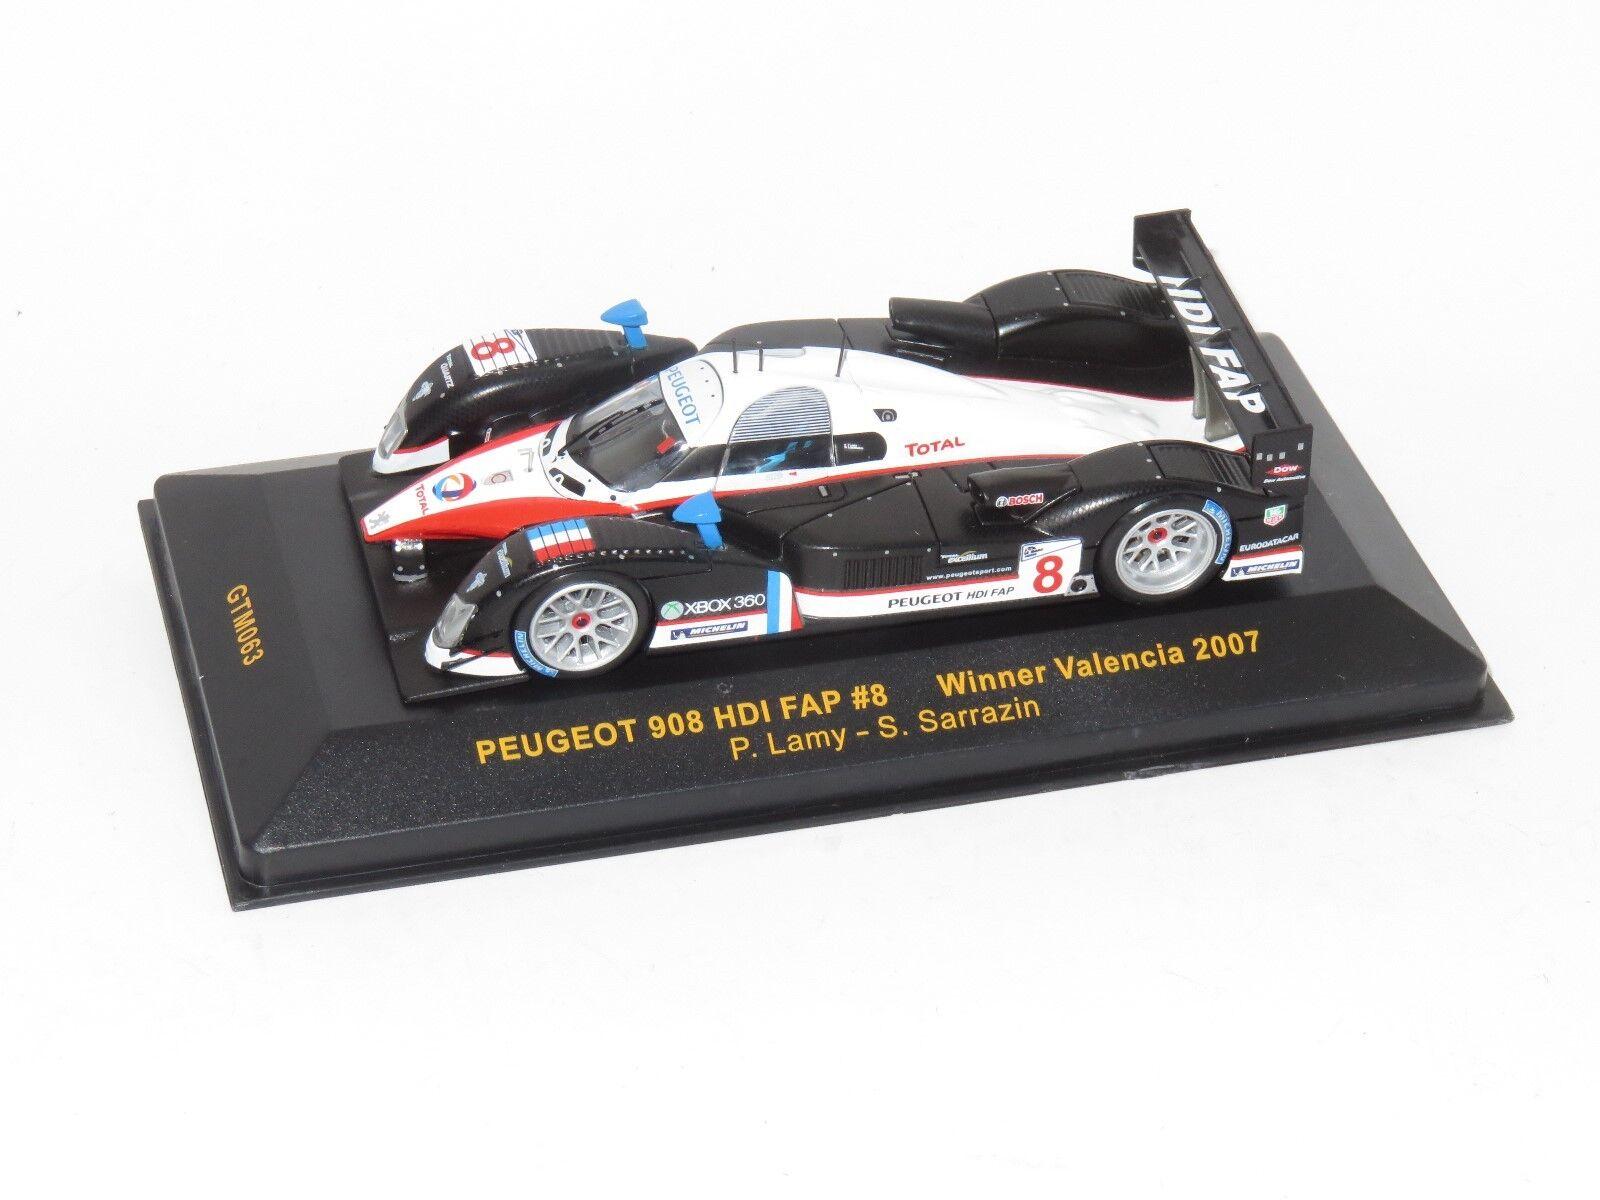 1 43 Peugeot Peugeot Peugeot 908 HDi FAP Valencia ganador 2007 Lamy judía b1fe49